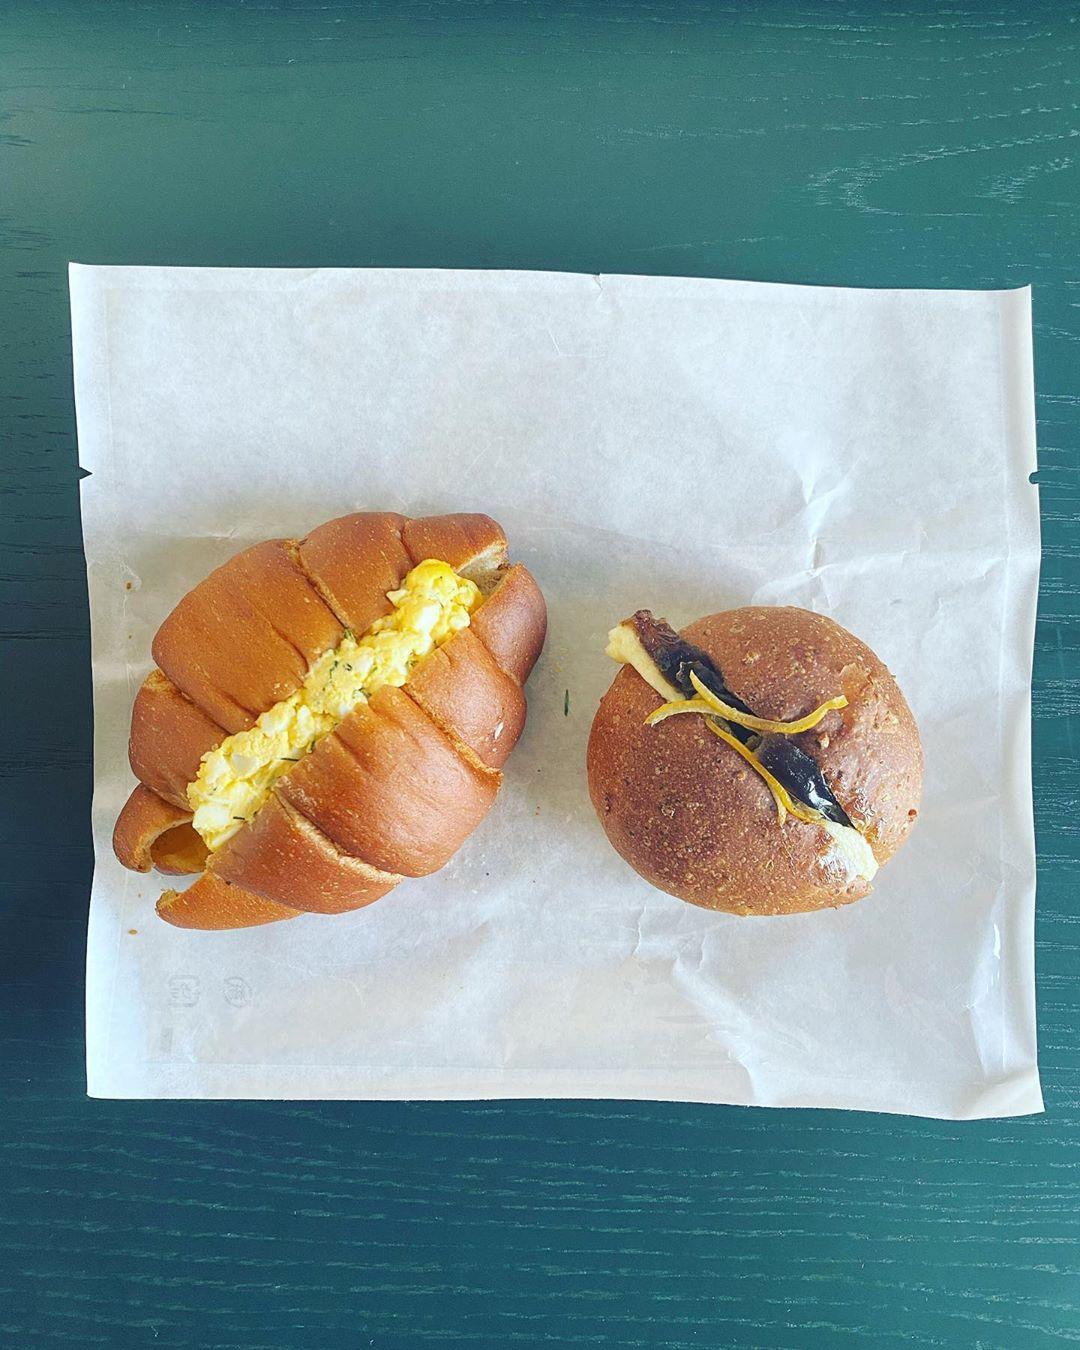 「近所にあったら毎日でも買いに来たい!」ほどマロさんがお気に入りのパン屋さん「BEAVER BREAD」